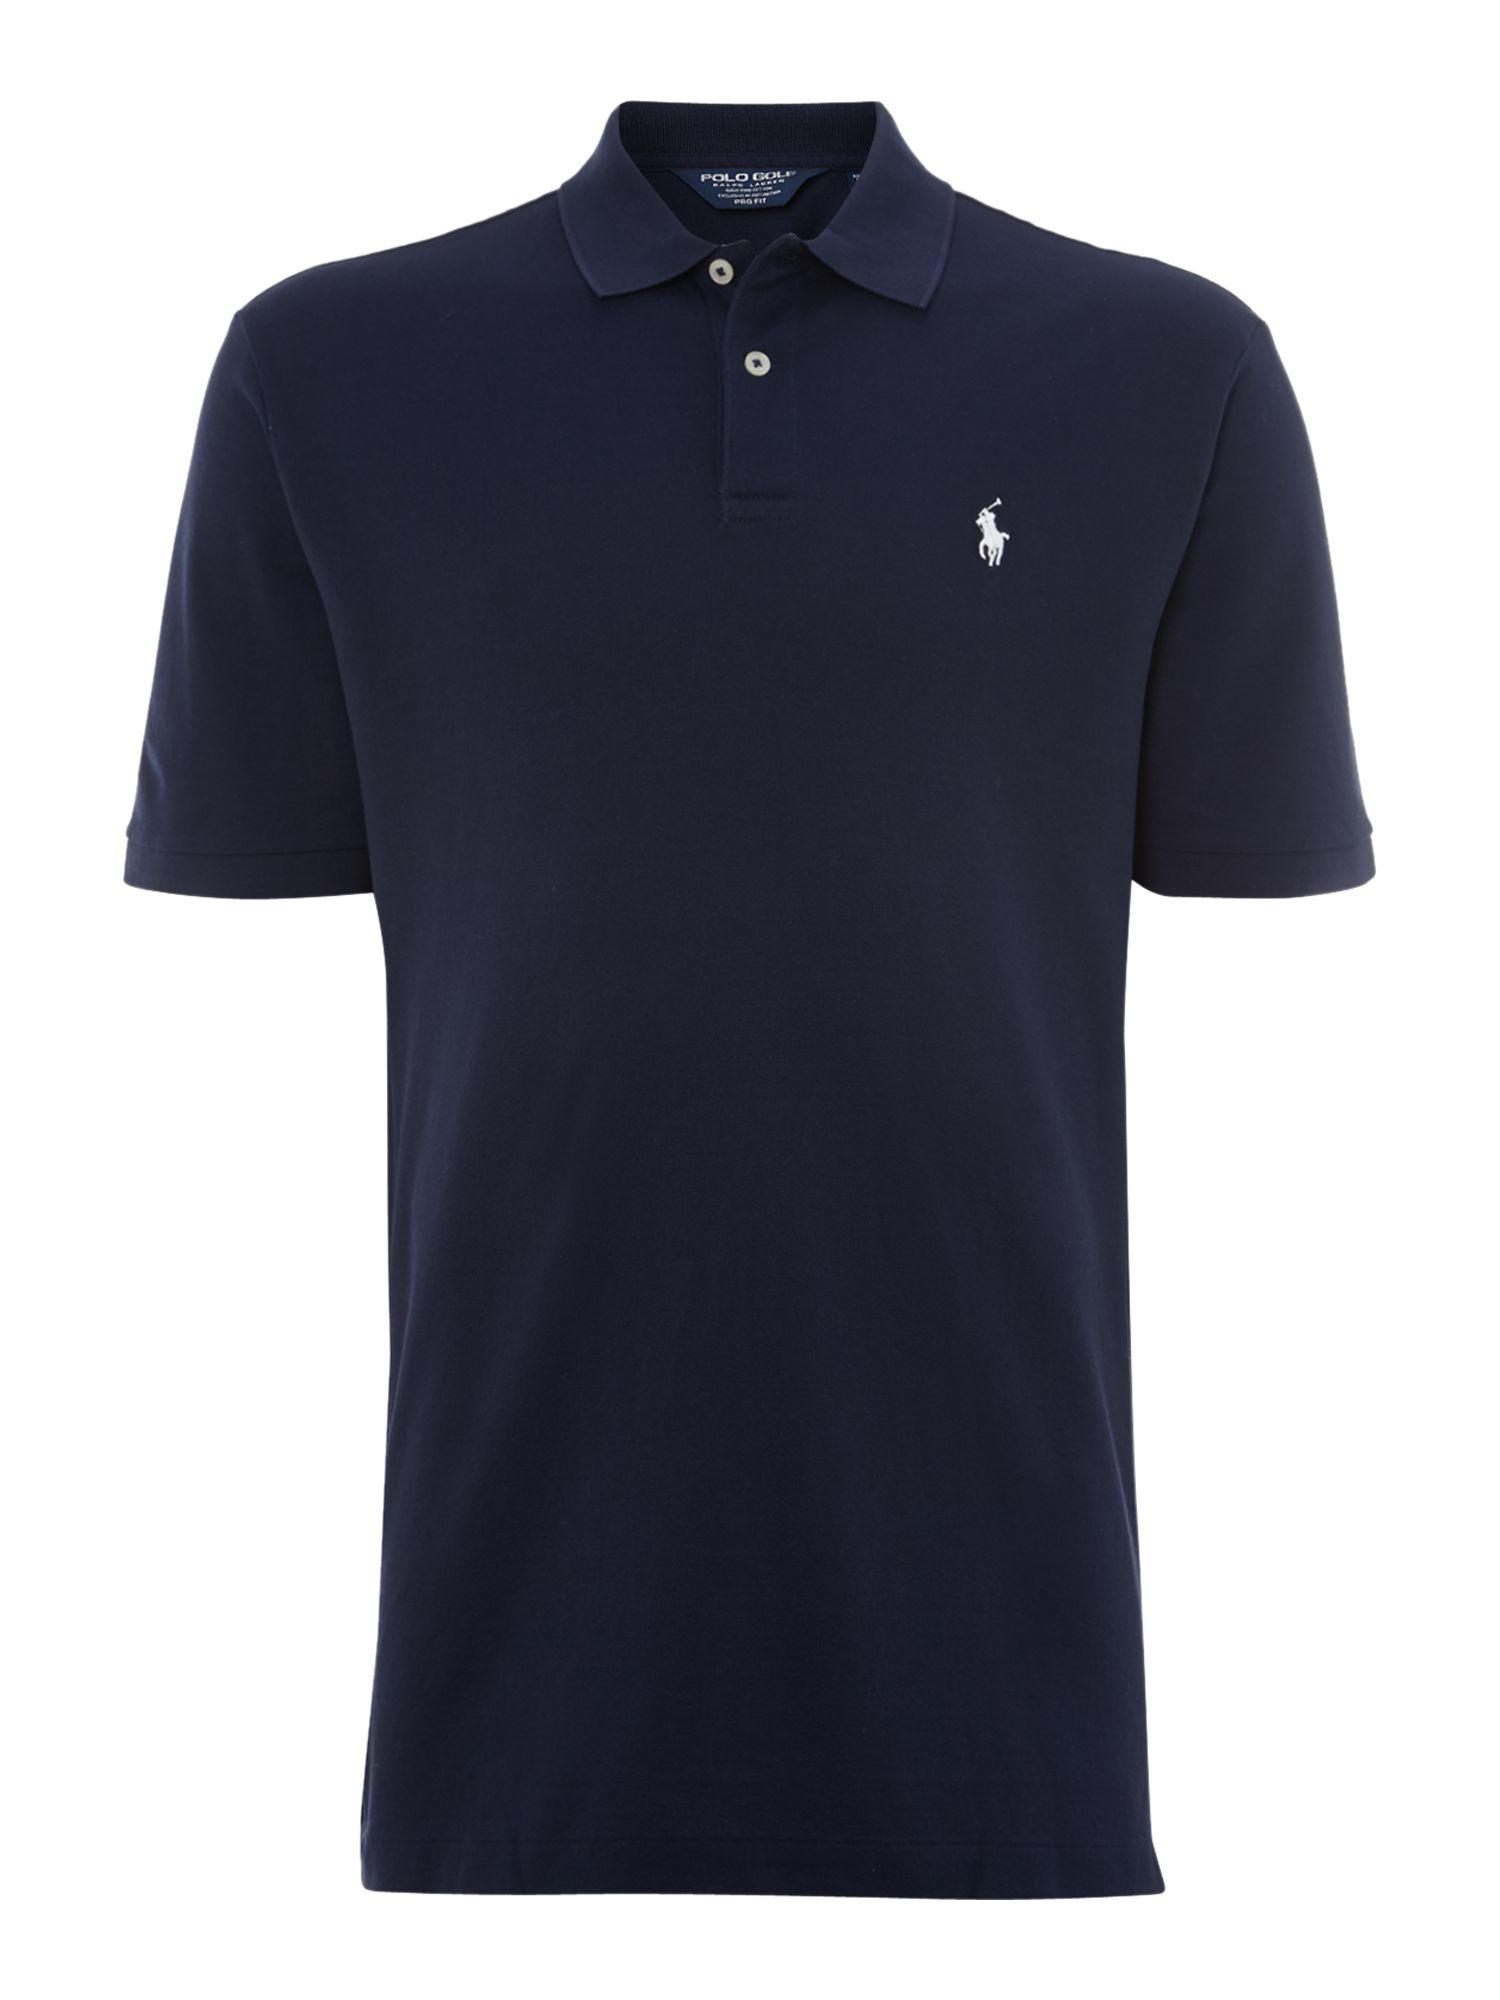 Women Polo Ralph Lauren Shirts